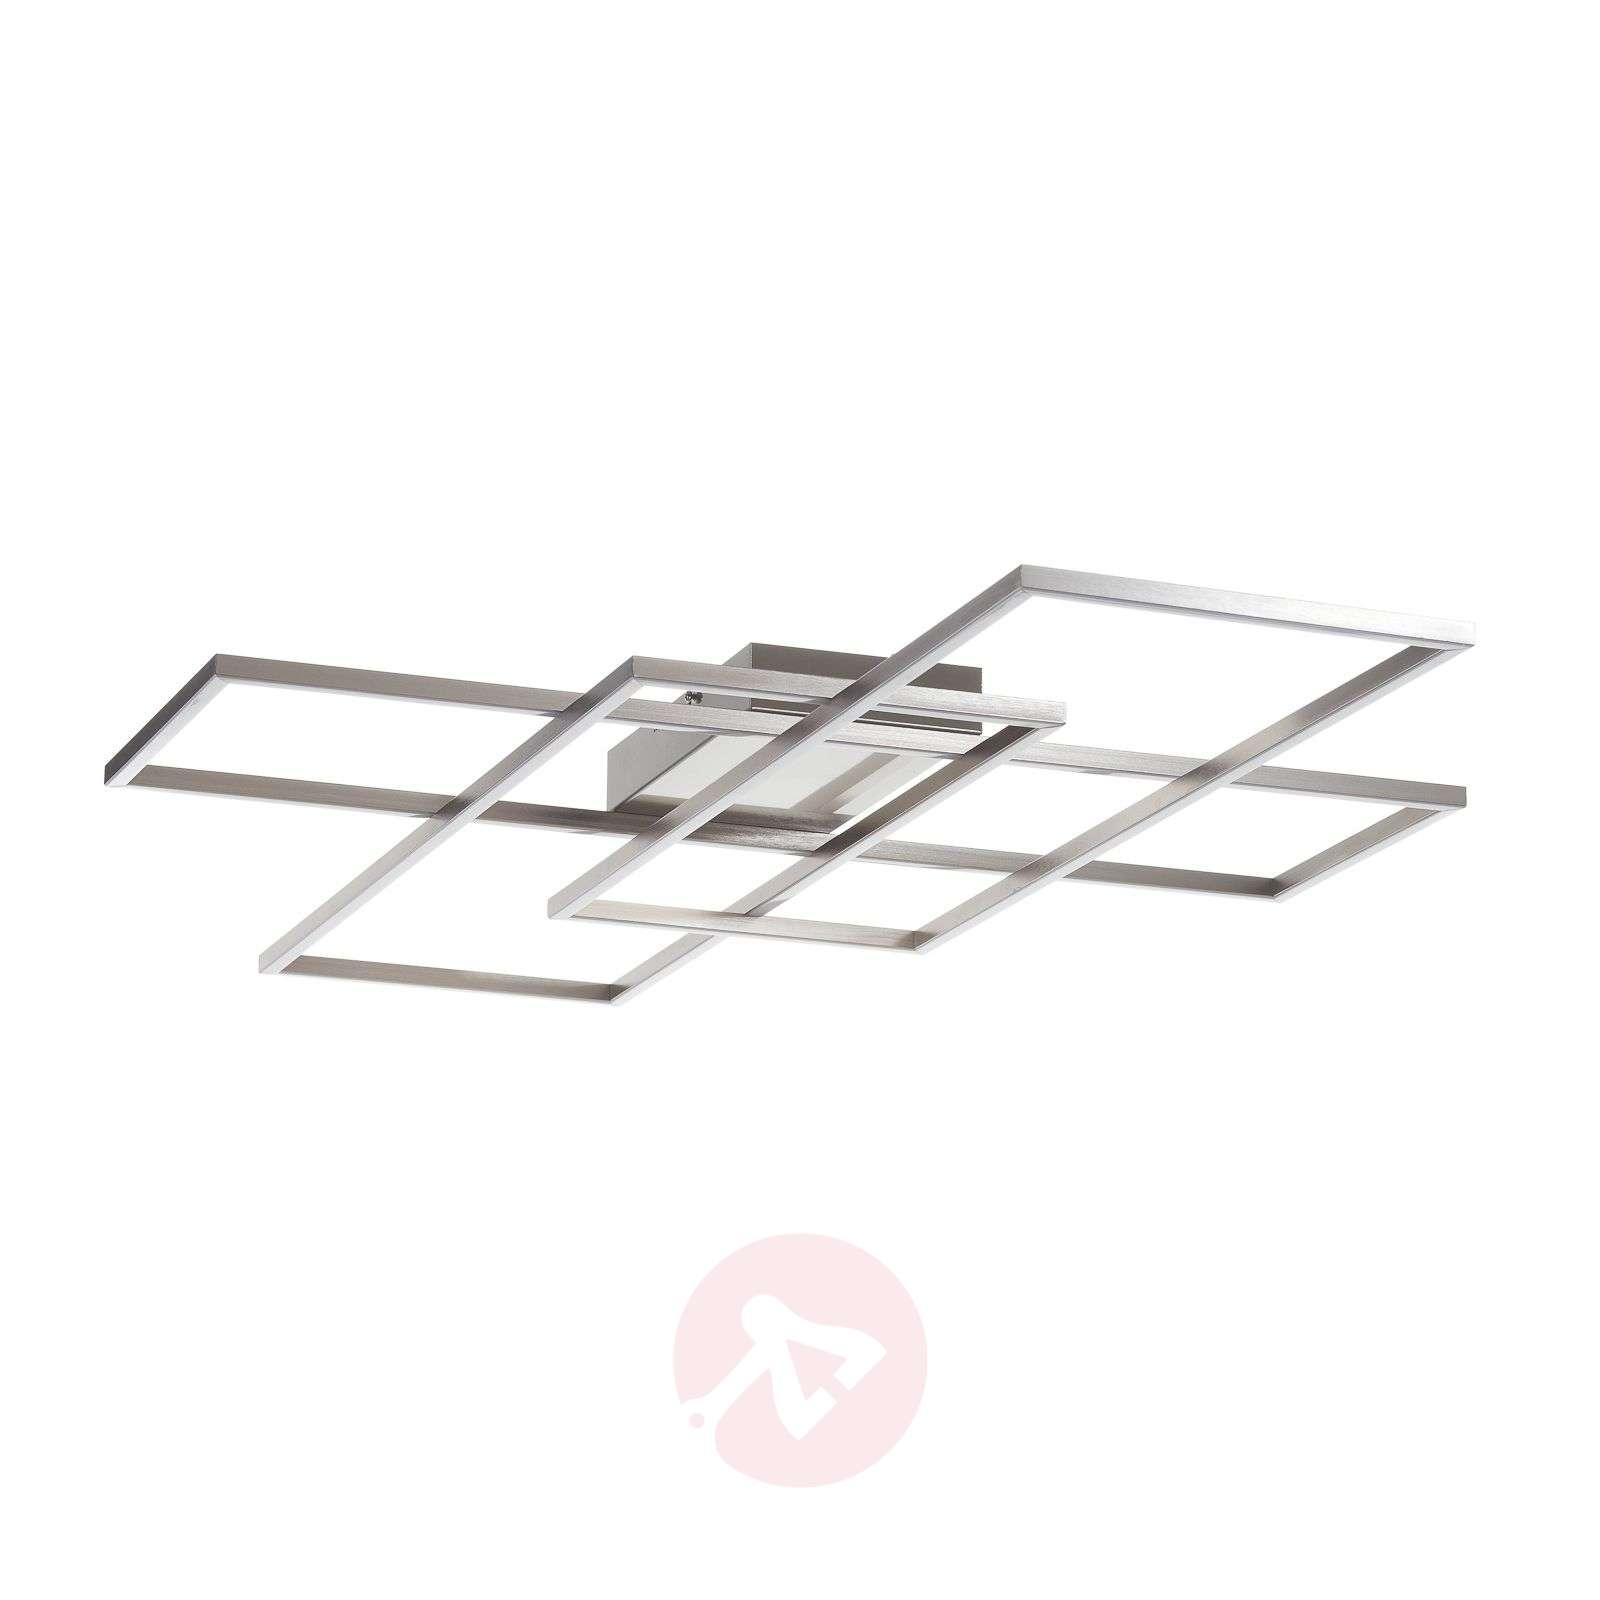 Paul Neuhaus Q-INIGO LED-kattolamppu 101cm-7610675-01